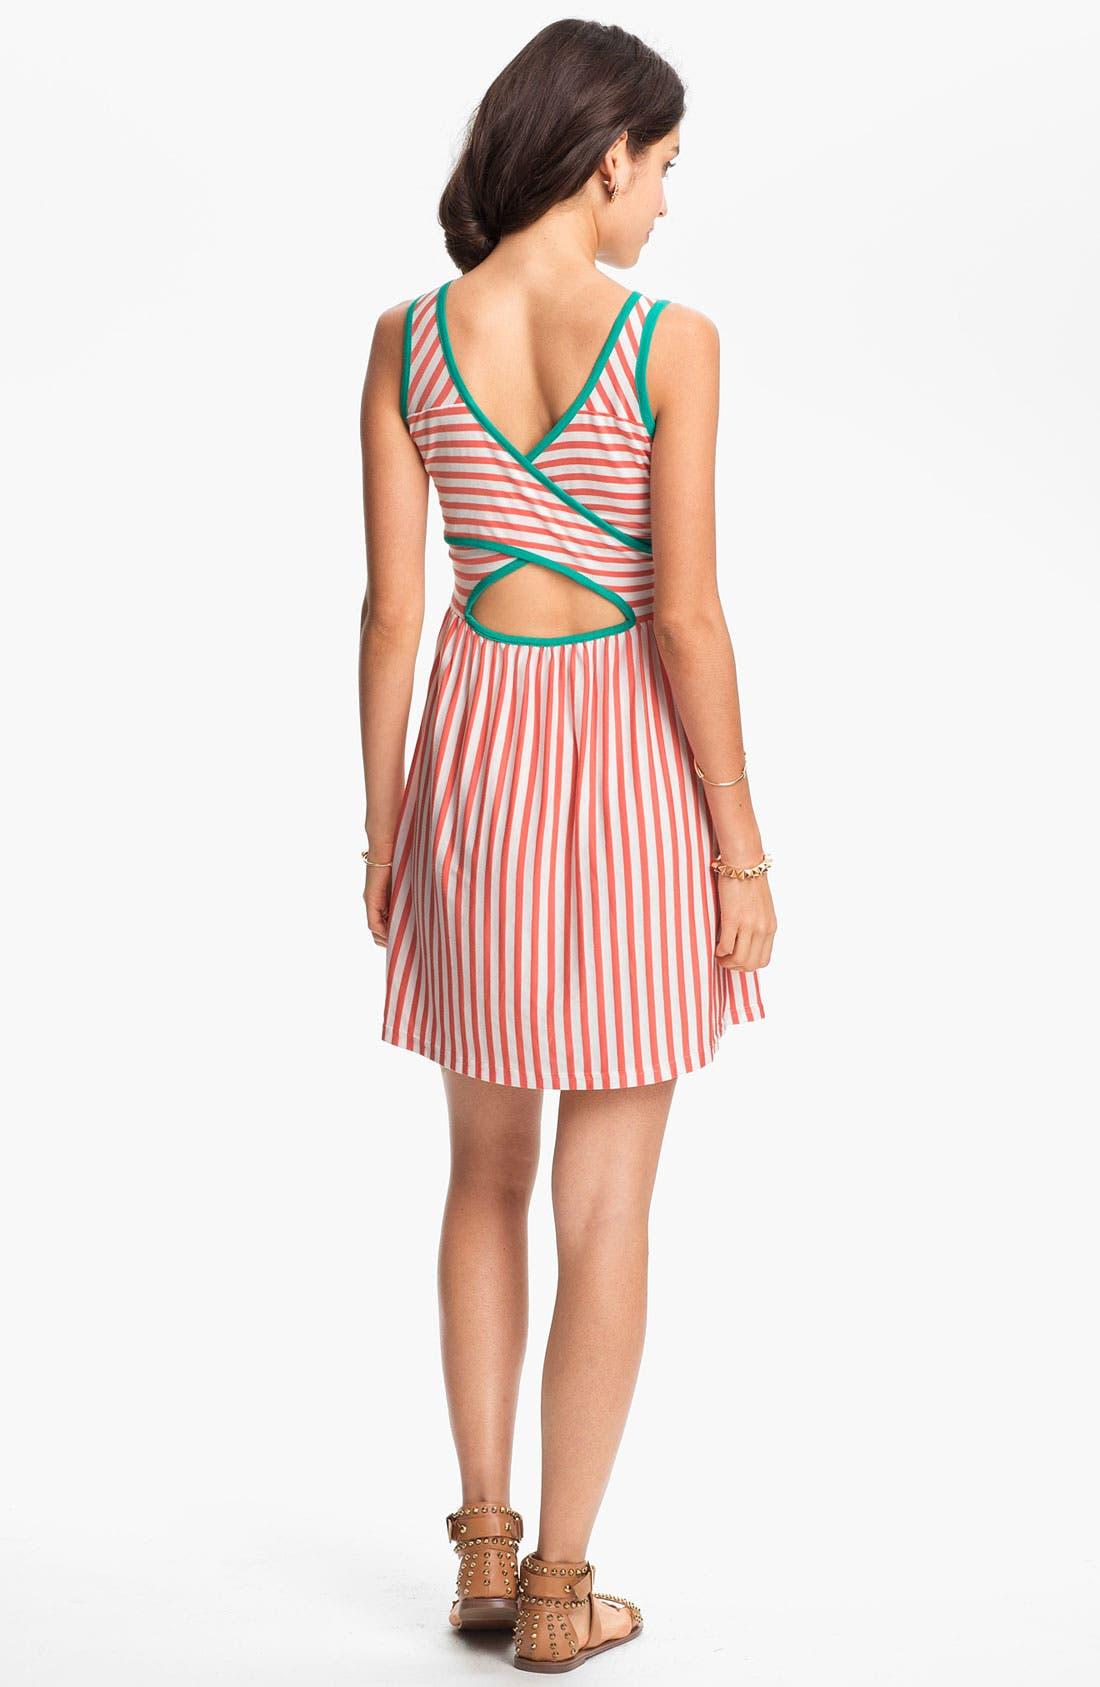 Alternate Image 1 Selected - JJ Basics Striped Crisscross Back Dress (Juniors)